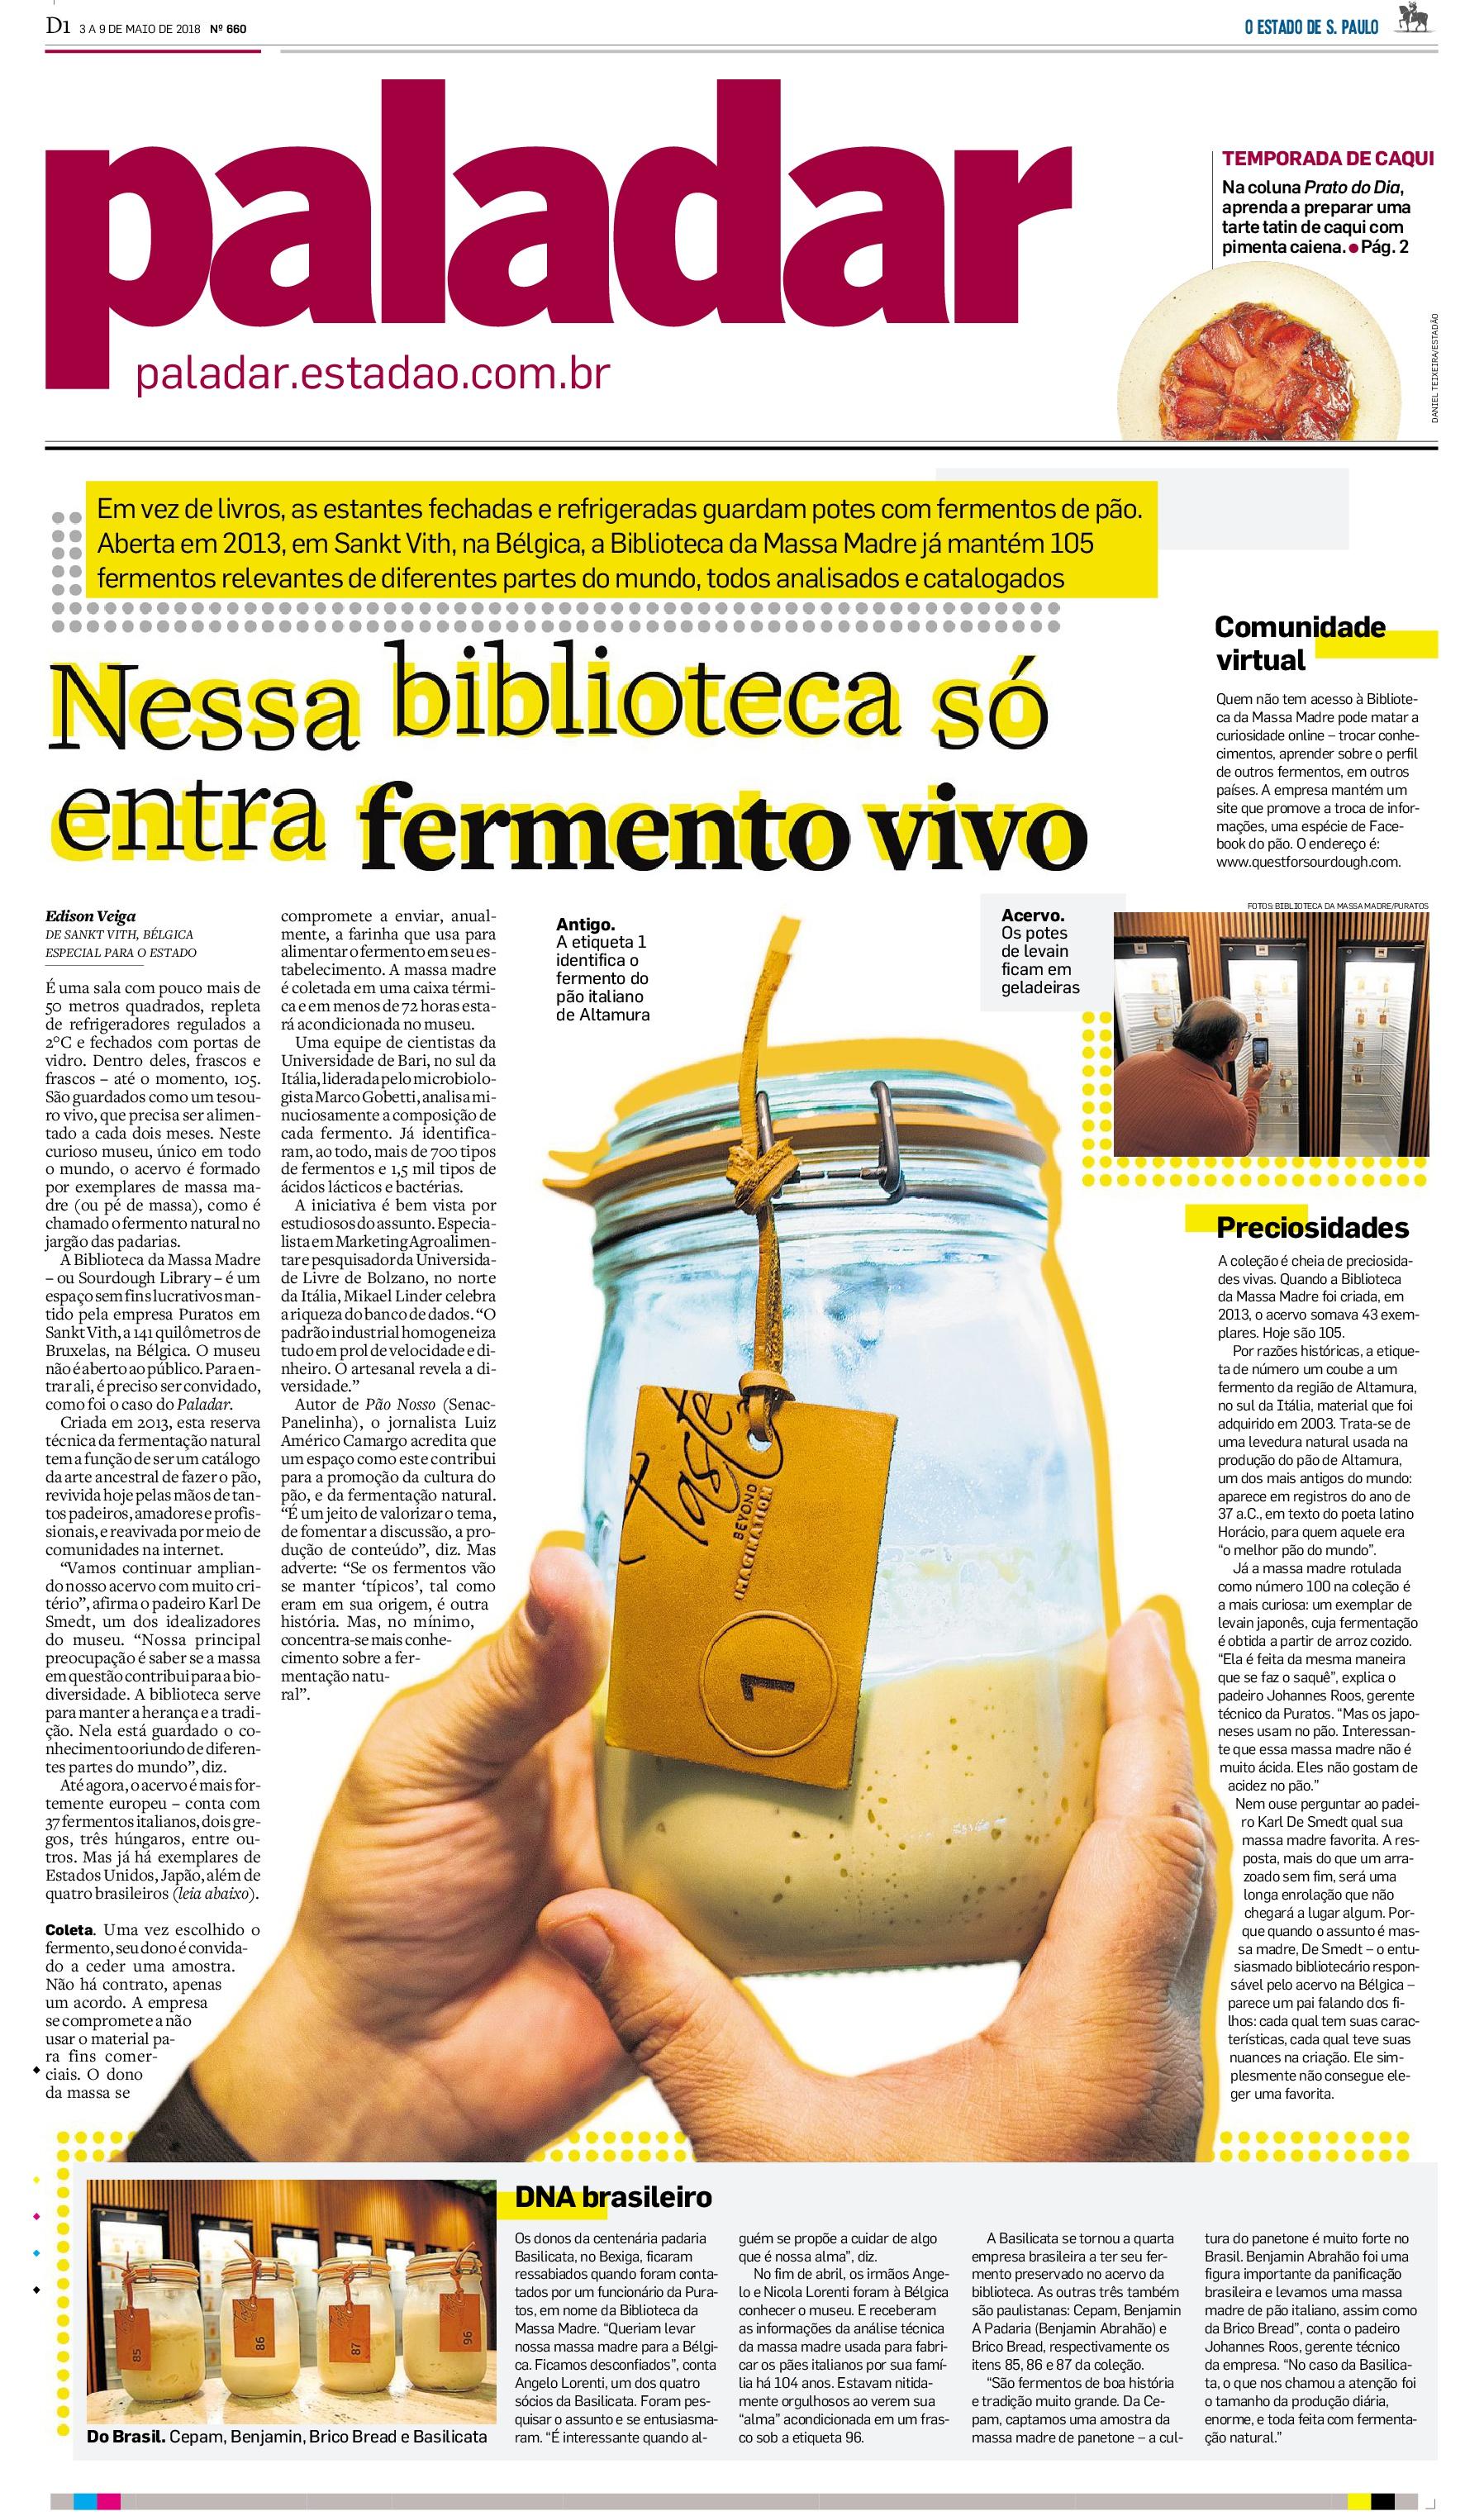 jornal—O-Estado-de-S-Paulo—03-de-maio-de-2018—Puratos-002